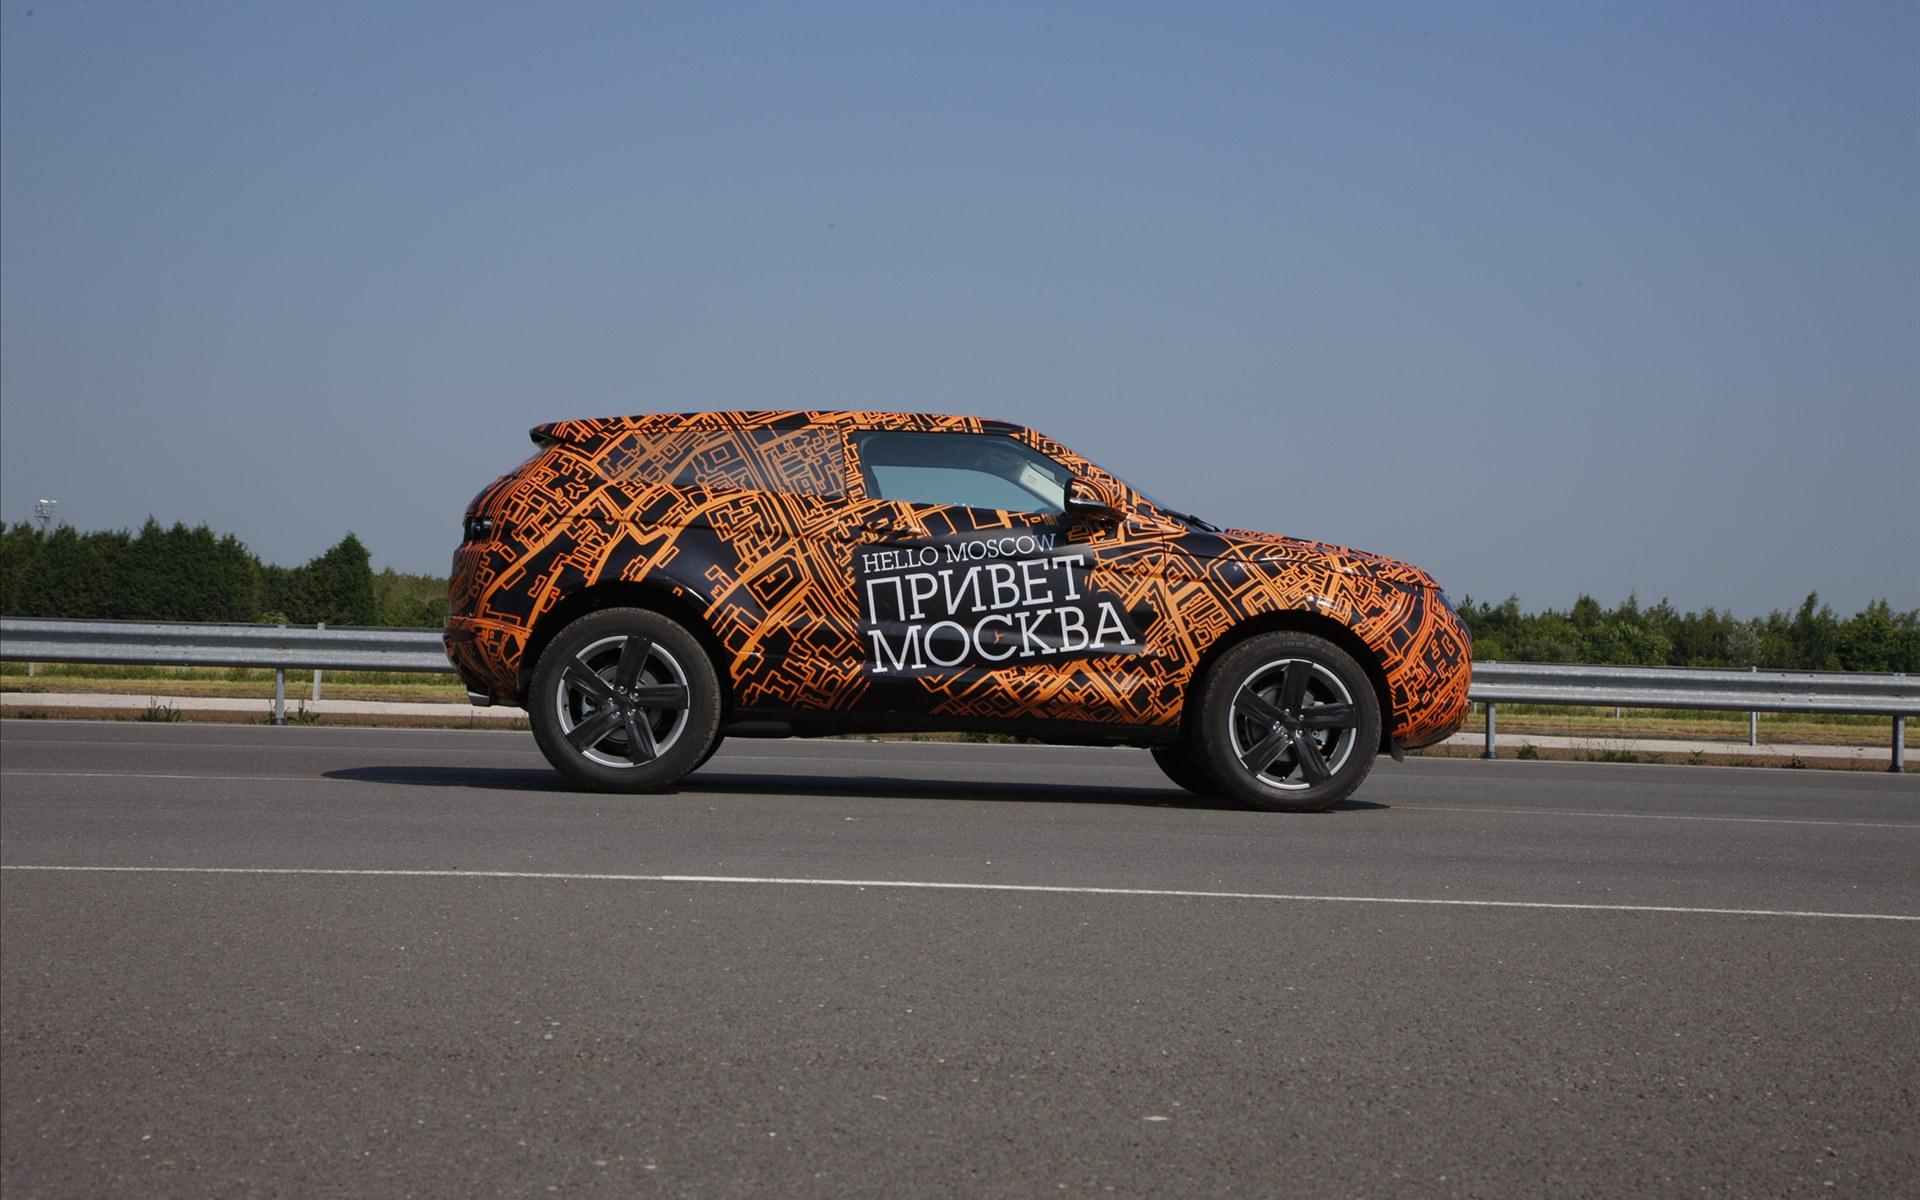 壁纸1920×1200Range Rover Evoque 路虎揽胜 2011 壁纸2壁纸 Range Rove壁纸图片汽车壁纸汽车图片素材桌面壁纸